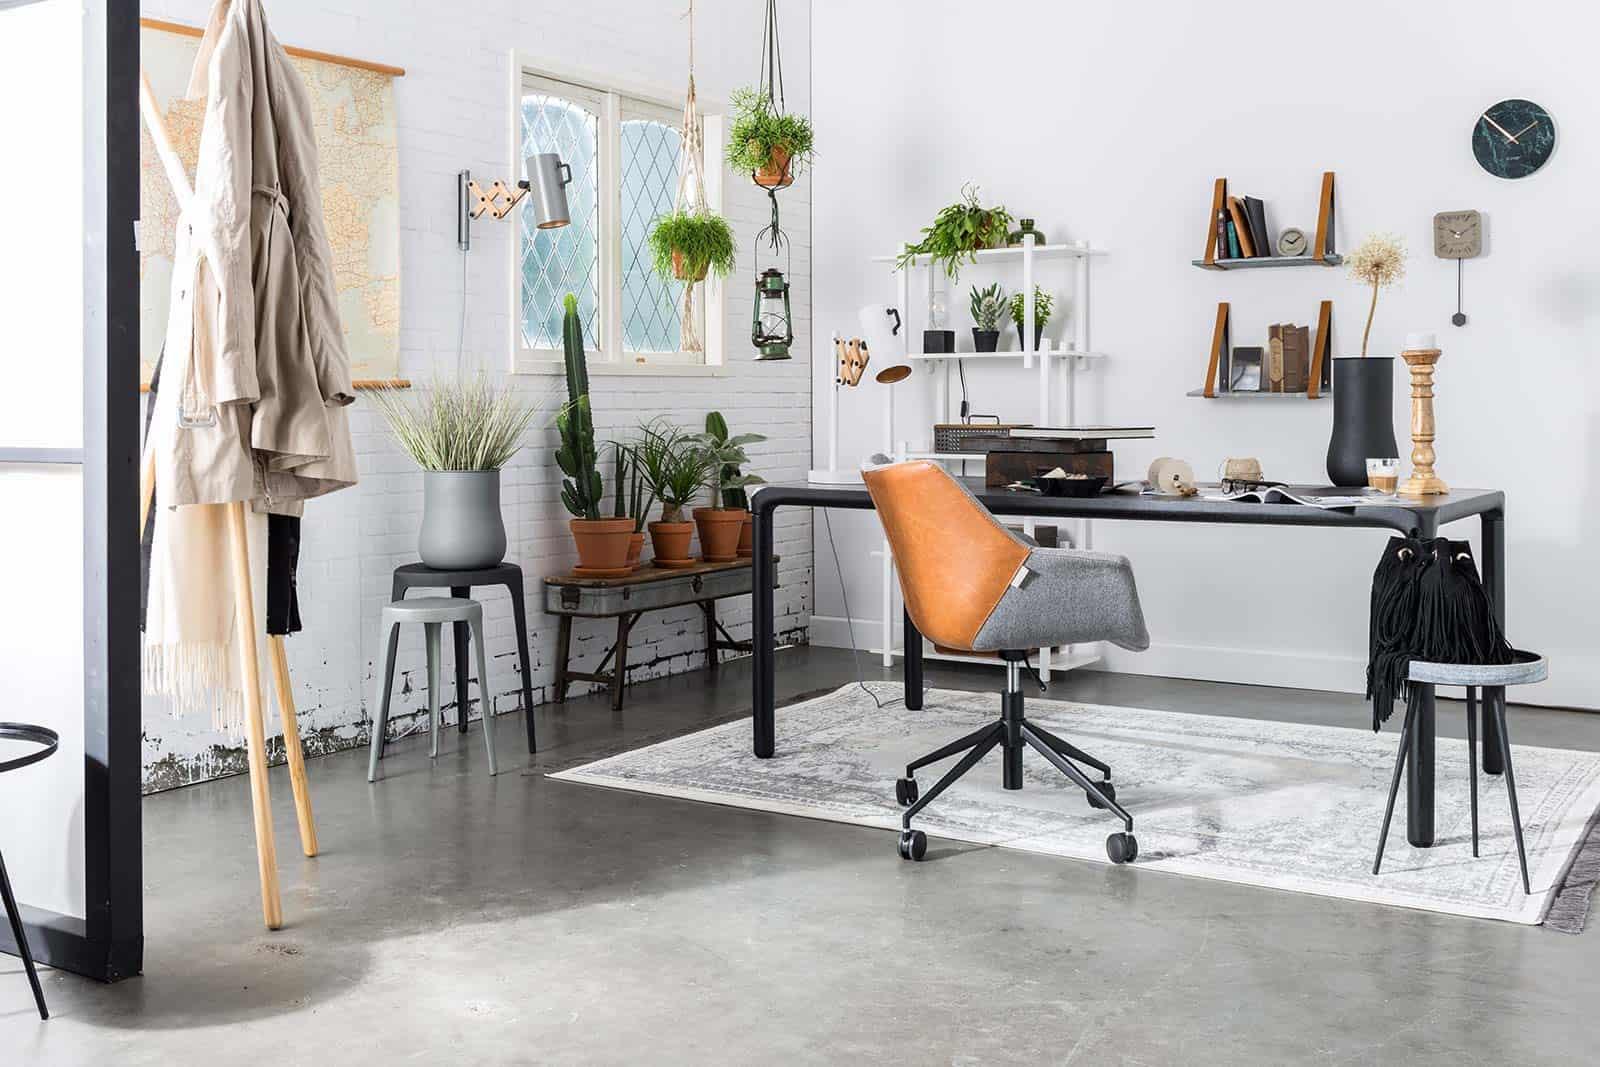 Doulton bureaustoel by zuiver designshopp